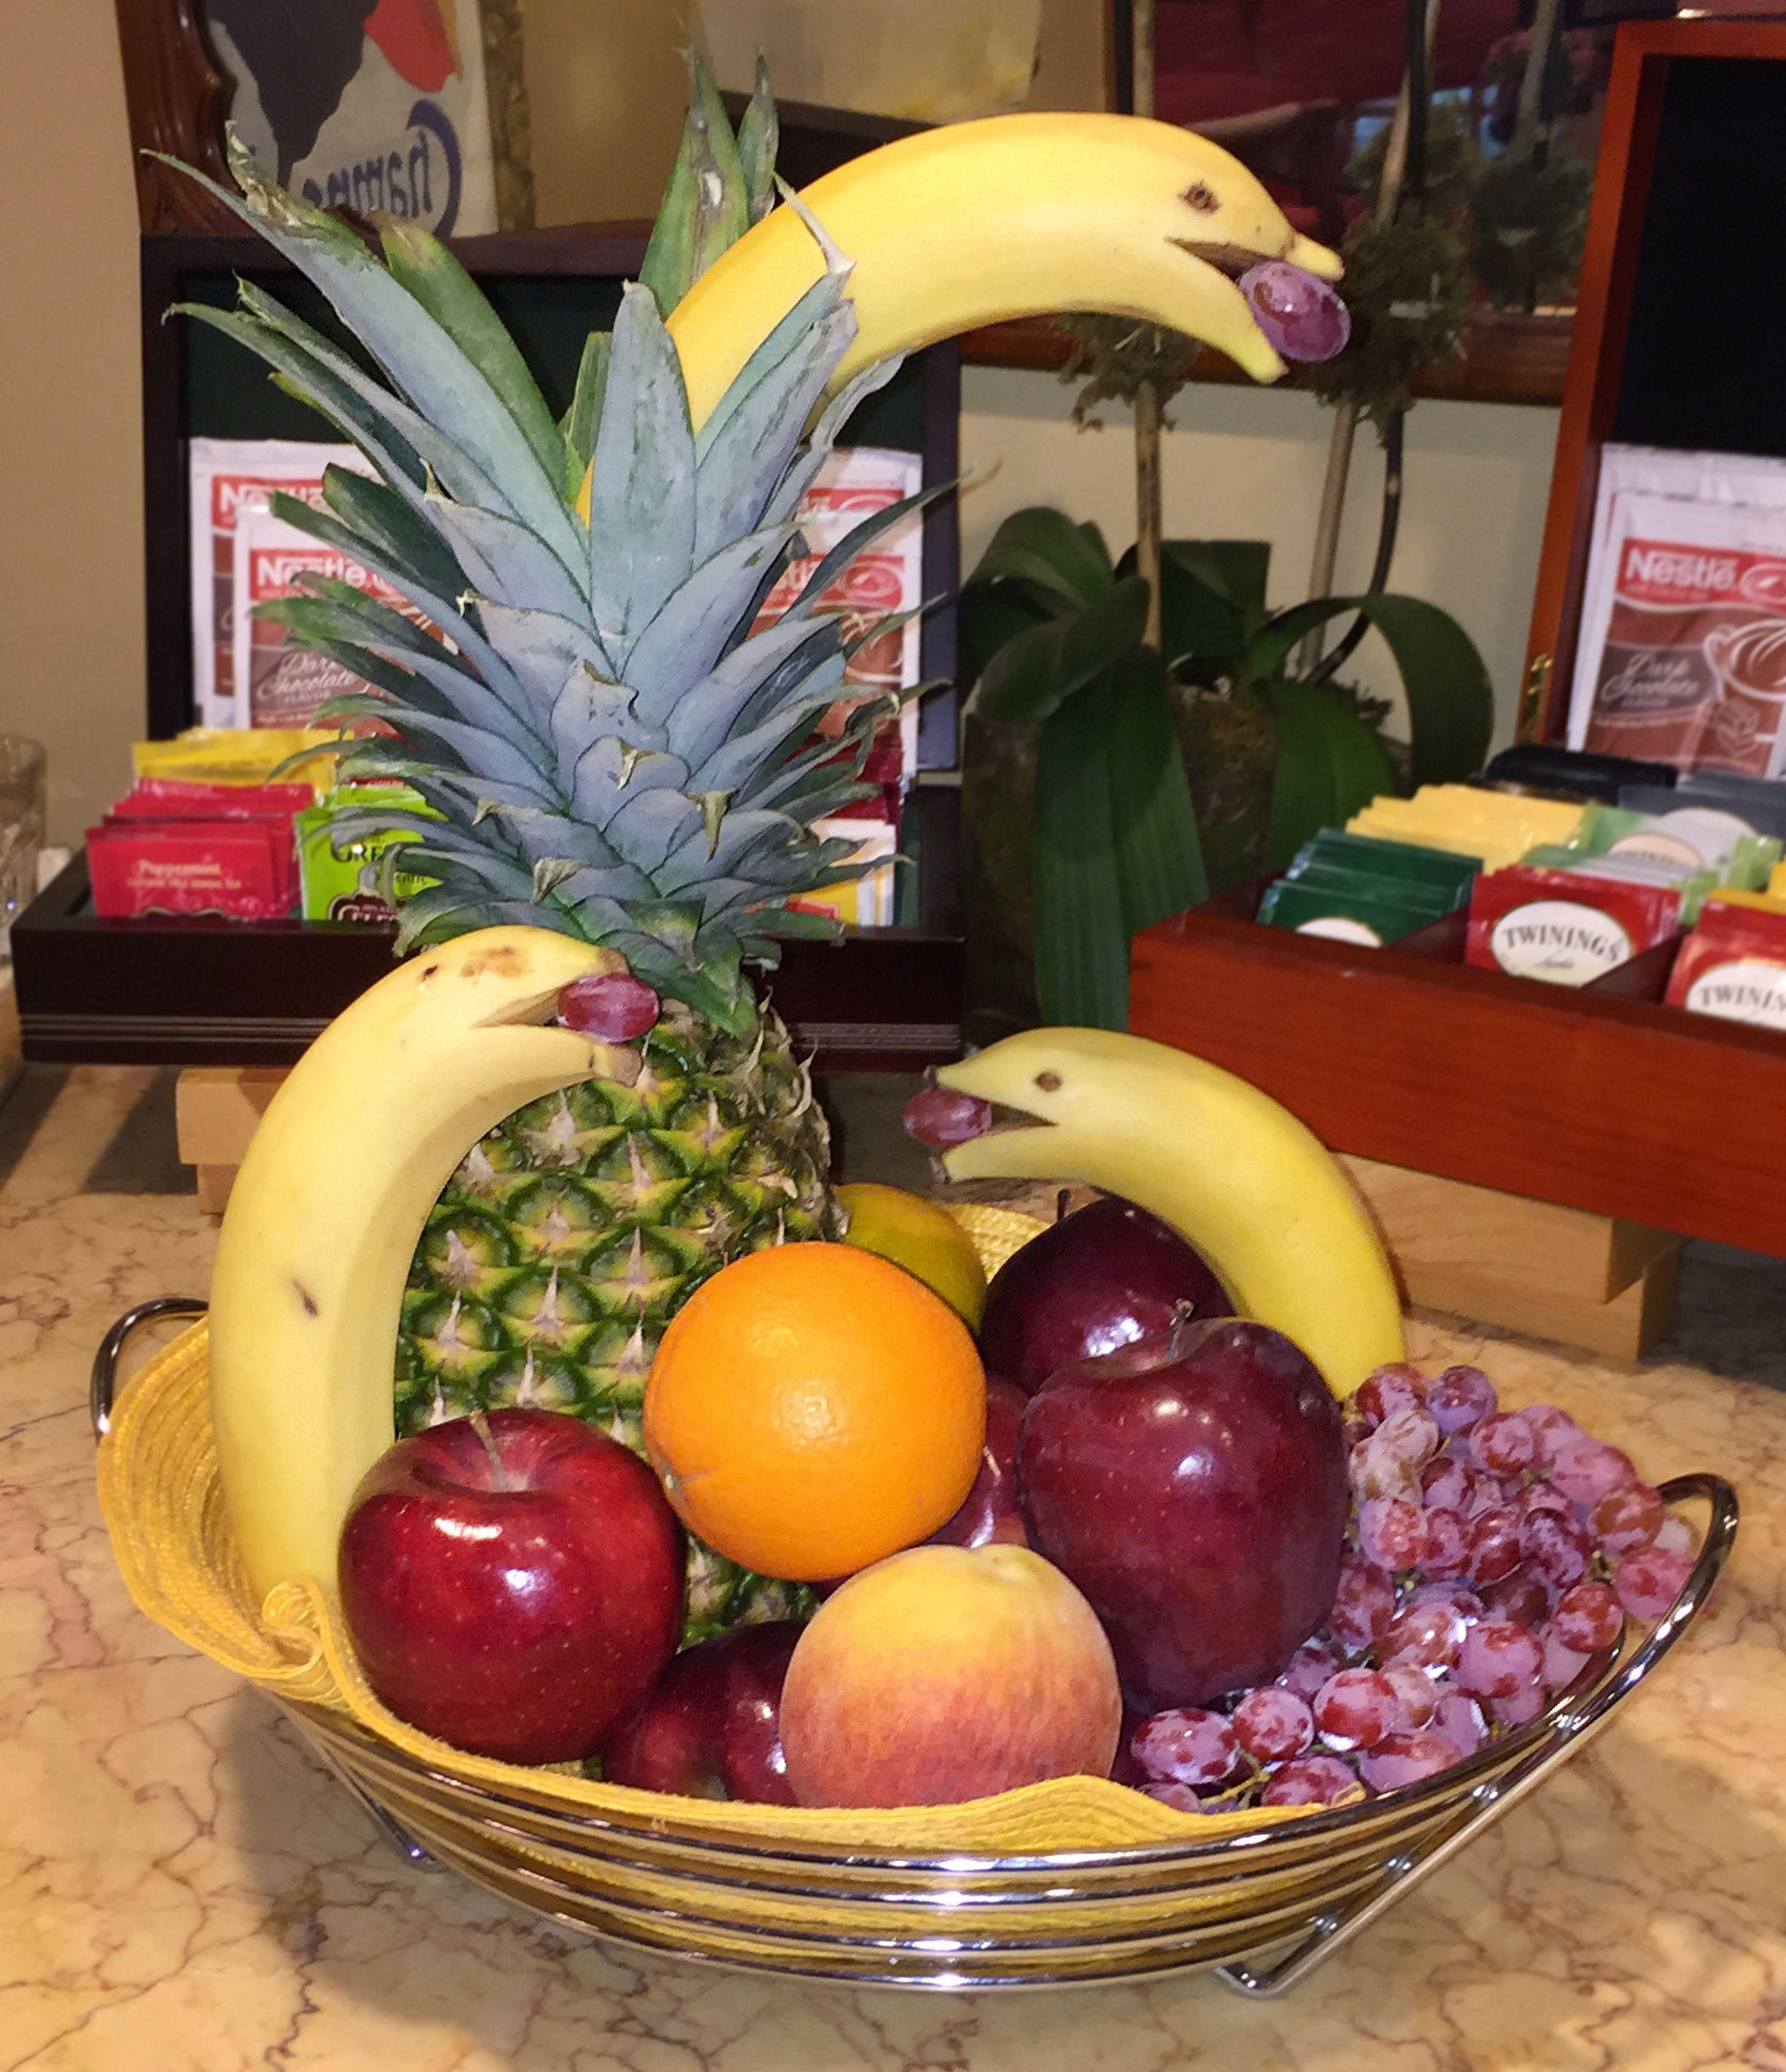 Pin by Hotel Elysee on TipsForTravelers Free breakfast